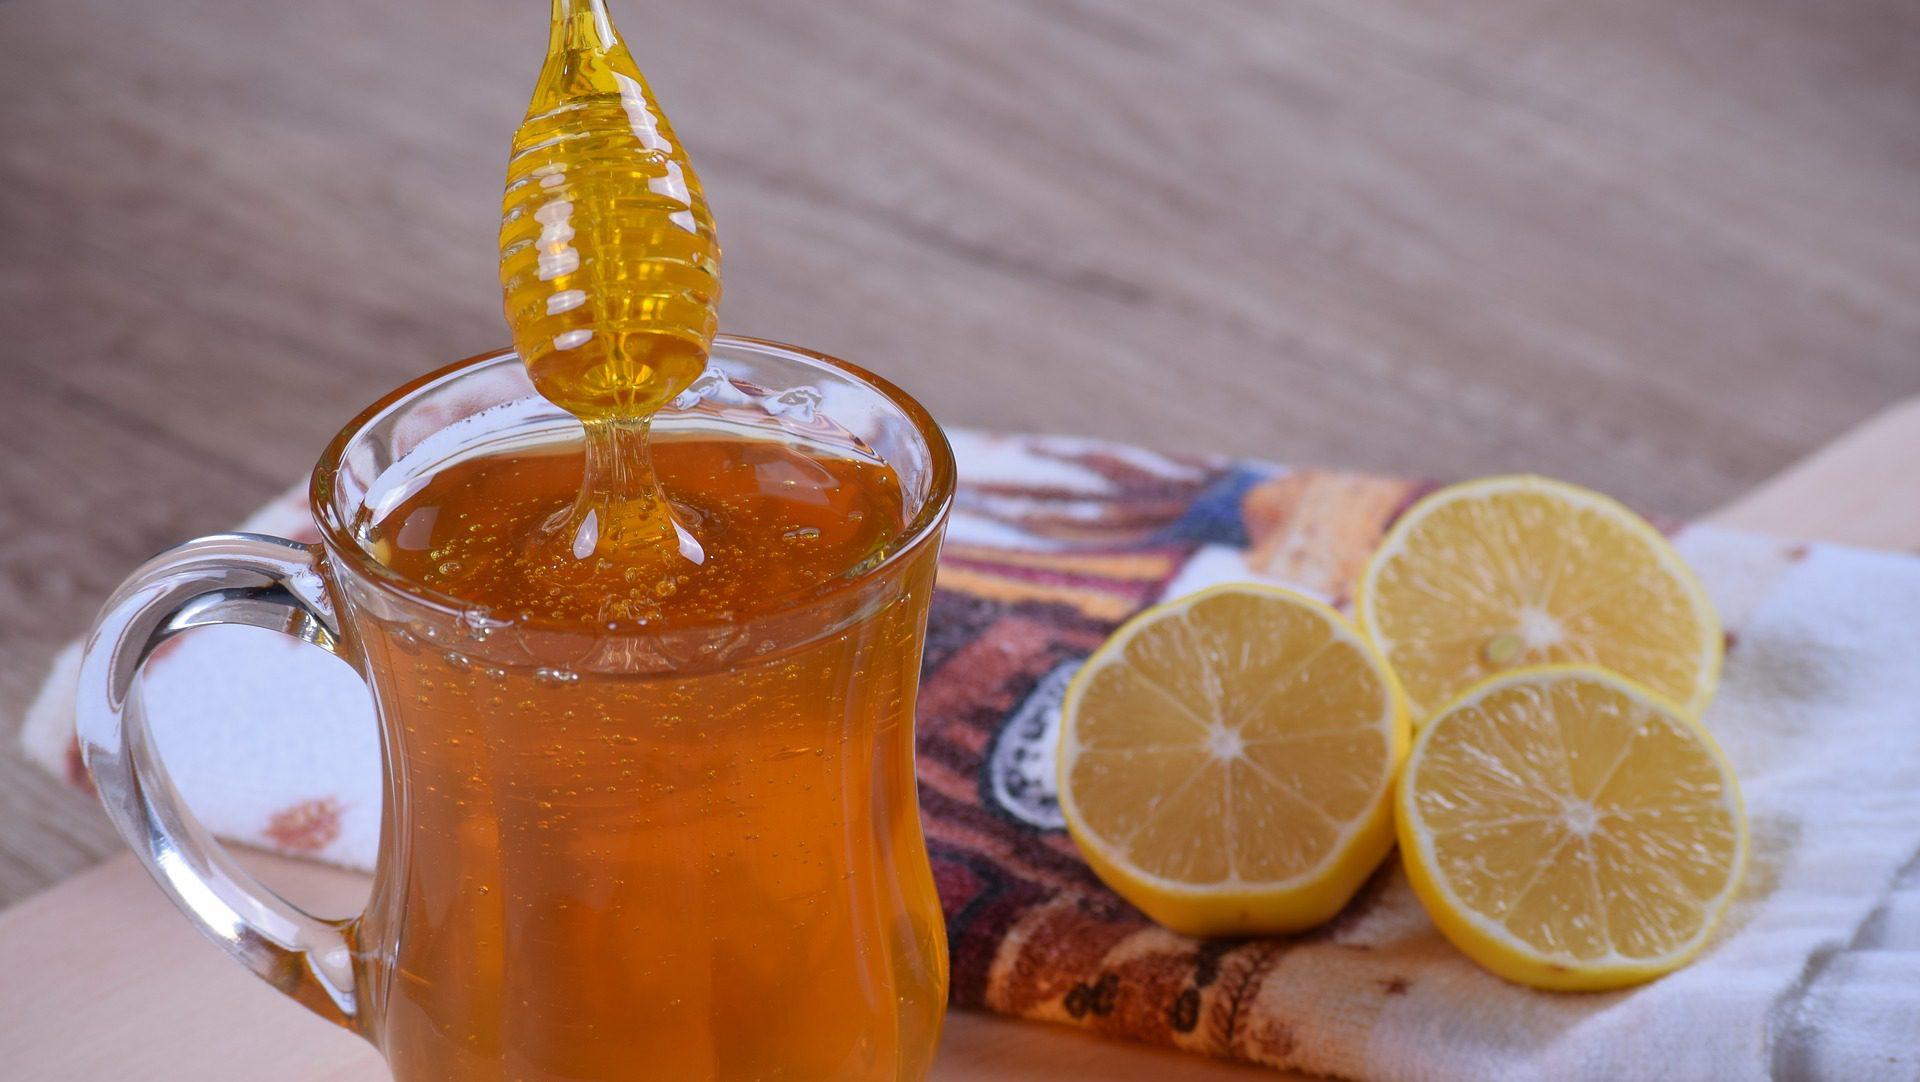 Miód, czyli Targi Pszczelarskie i Tradycyjnej Żywności